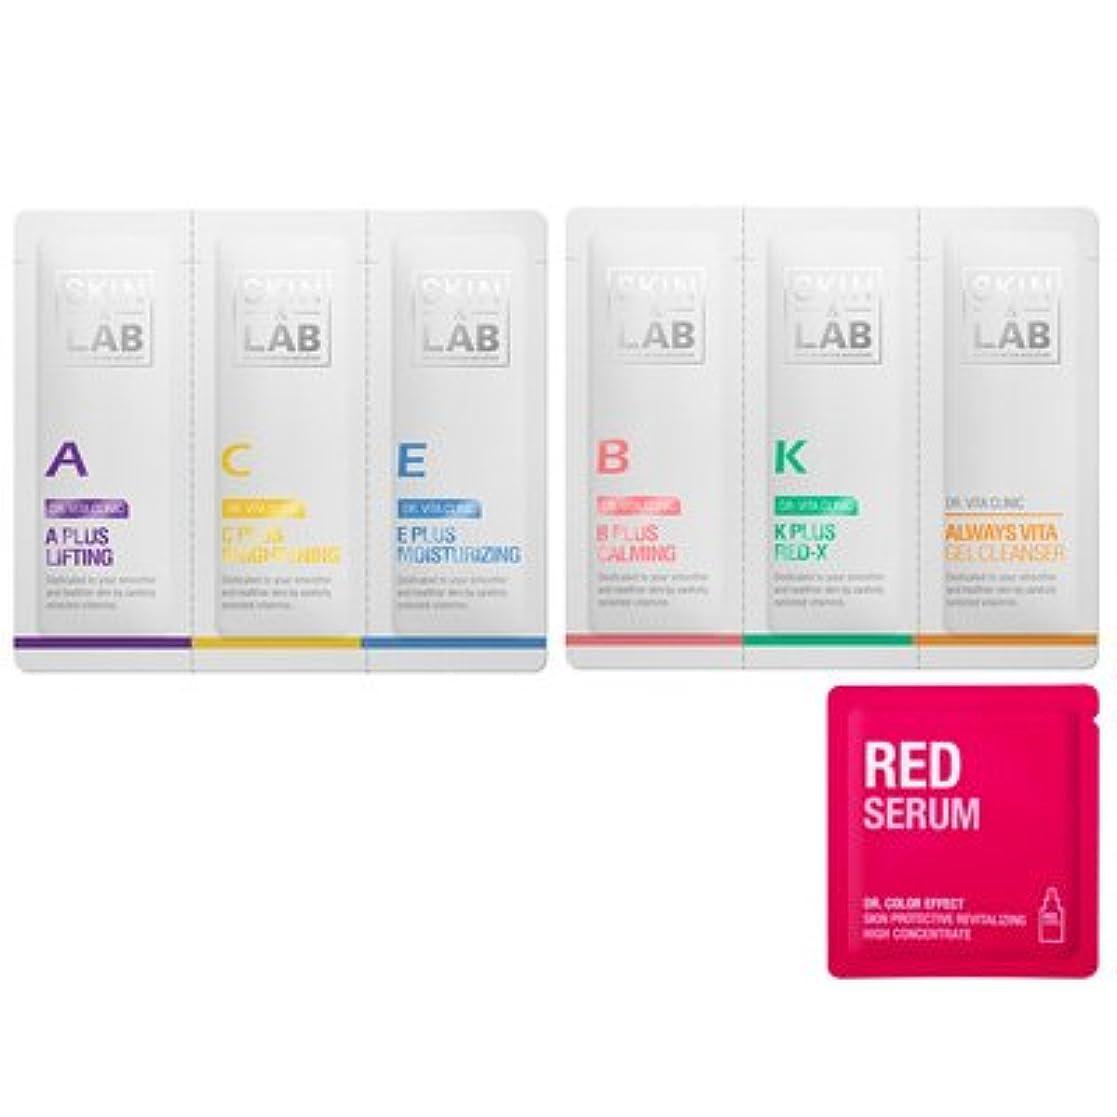 SKIN&LAB(スキンアンドラブ) 基礎化粧品 サンプル 7点セット